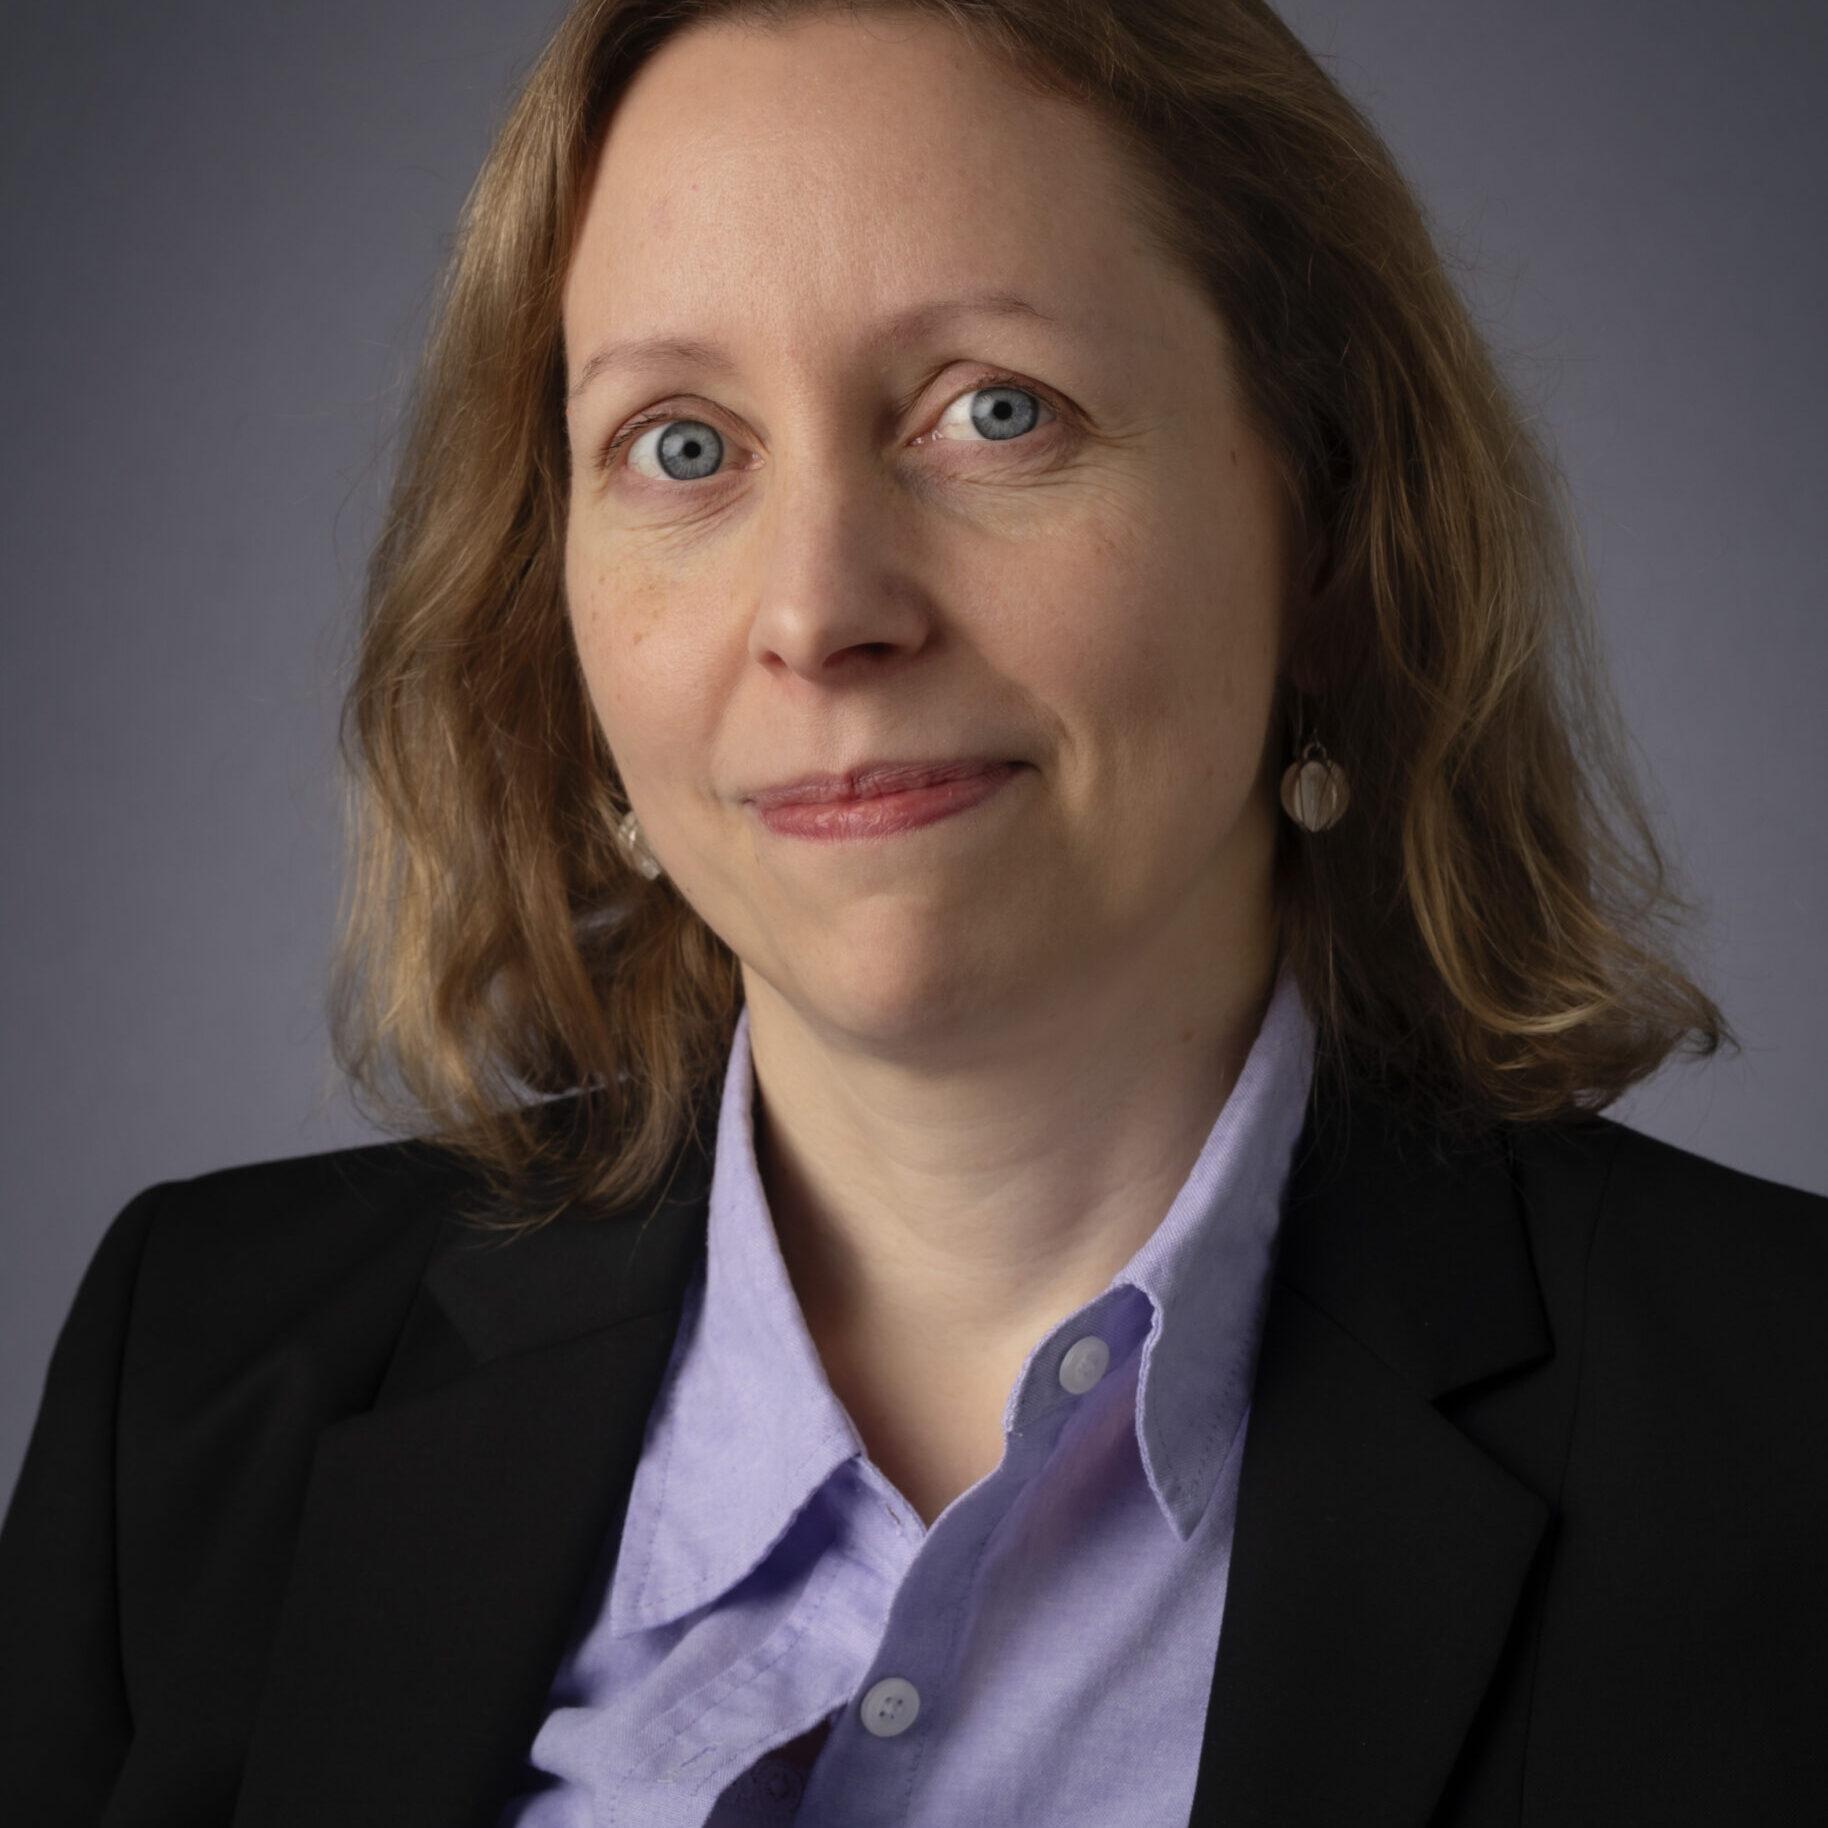 Lise Eriksson